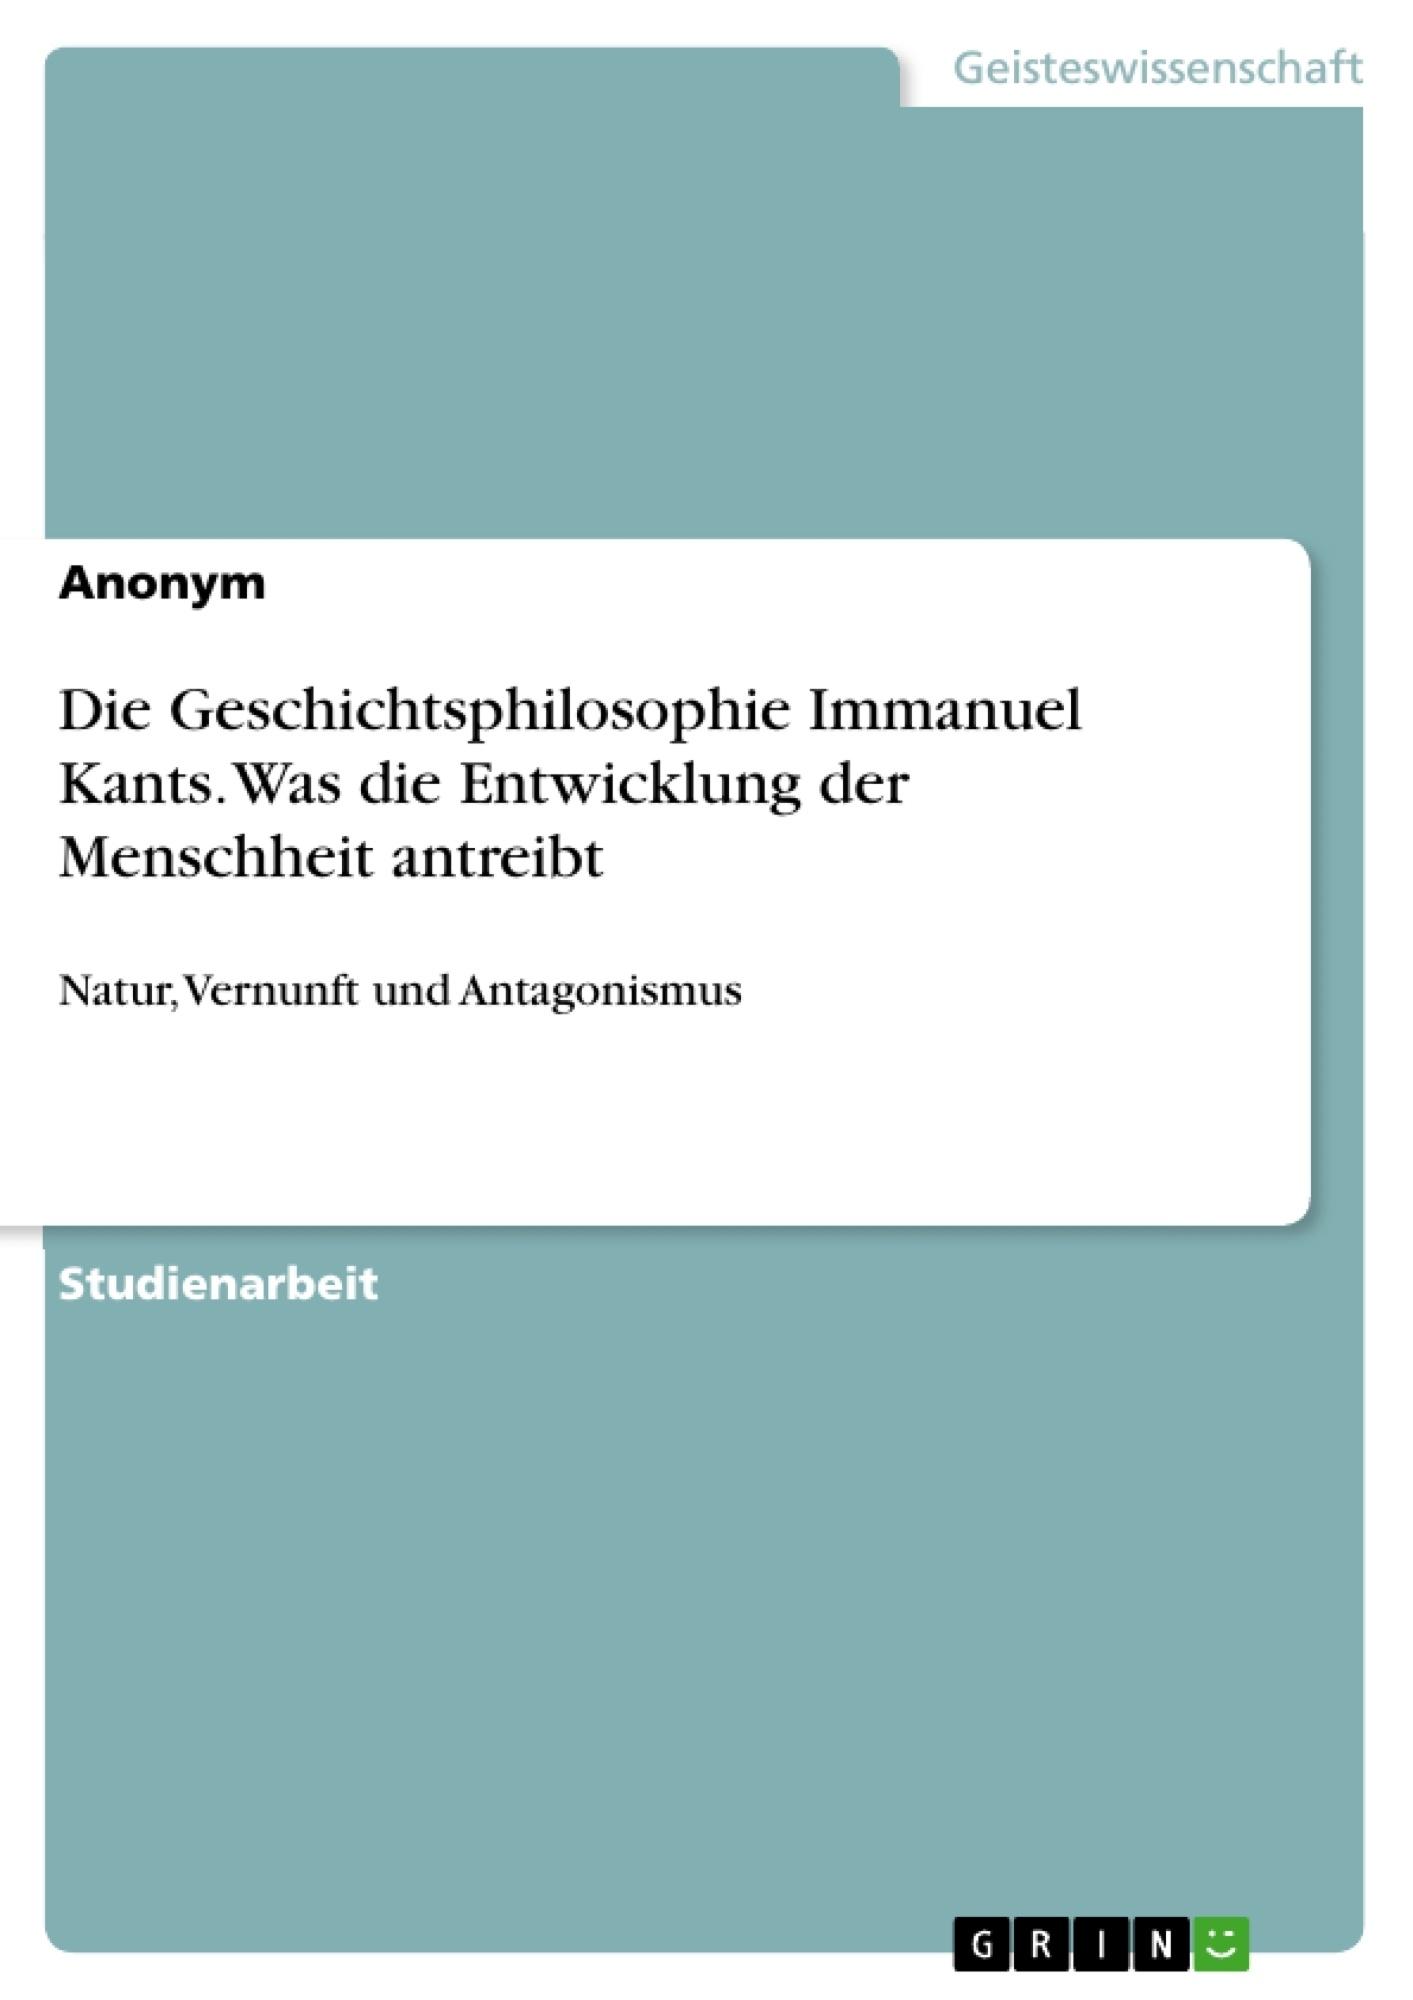 Titel: Die Geschichtsphilosophie Immanuel Kants. Was die Entwicklung der Menschheit antreibt